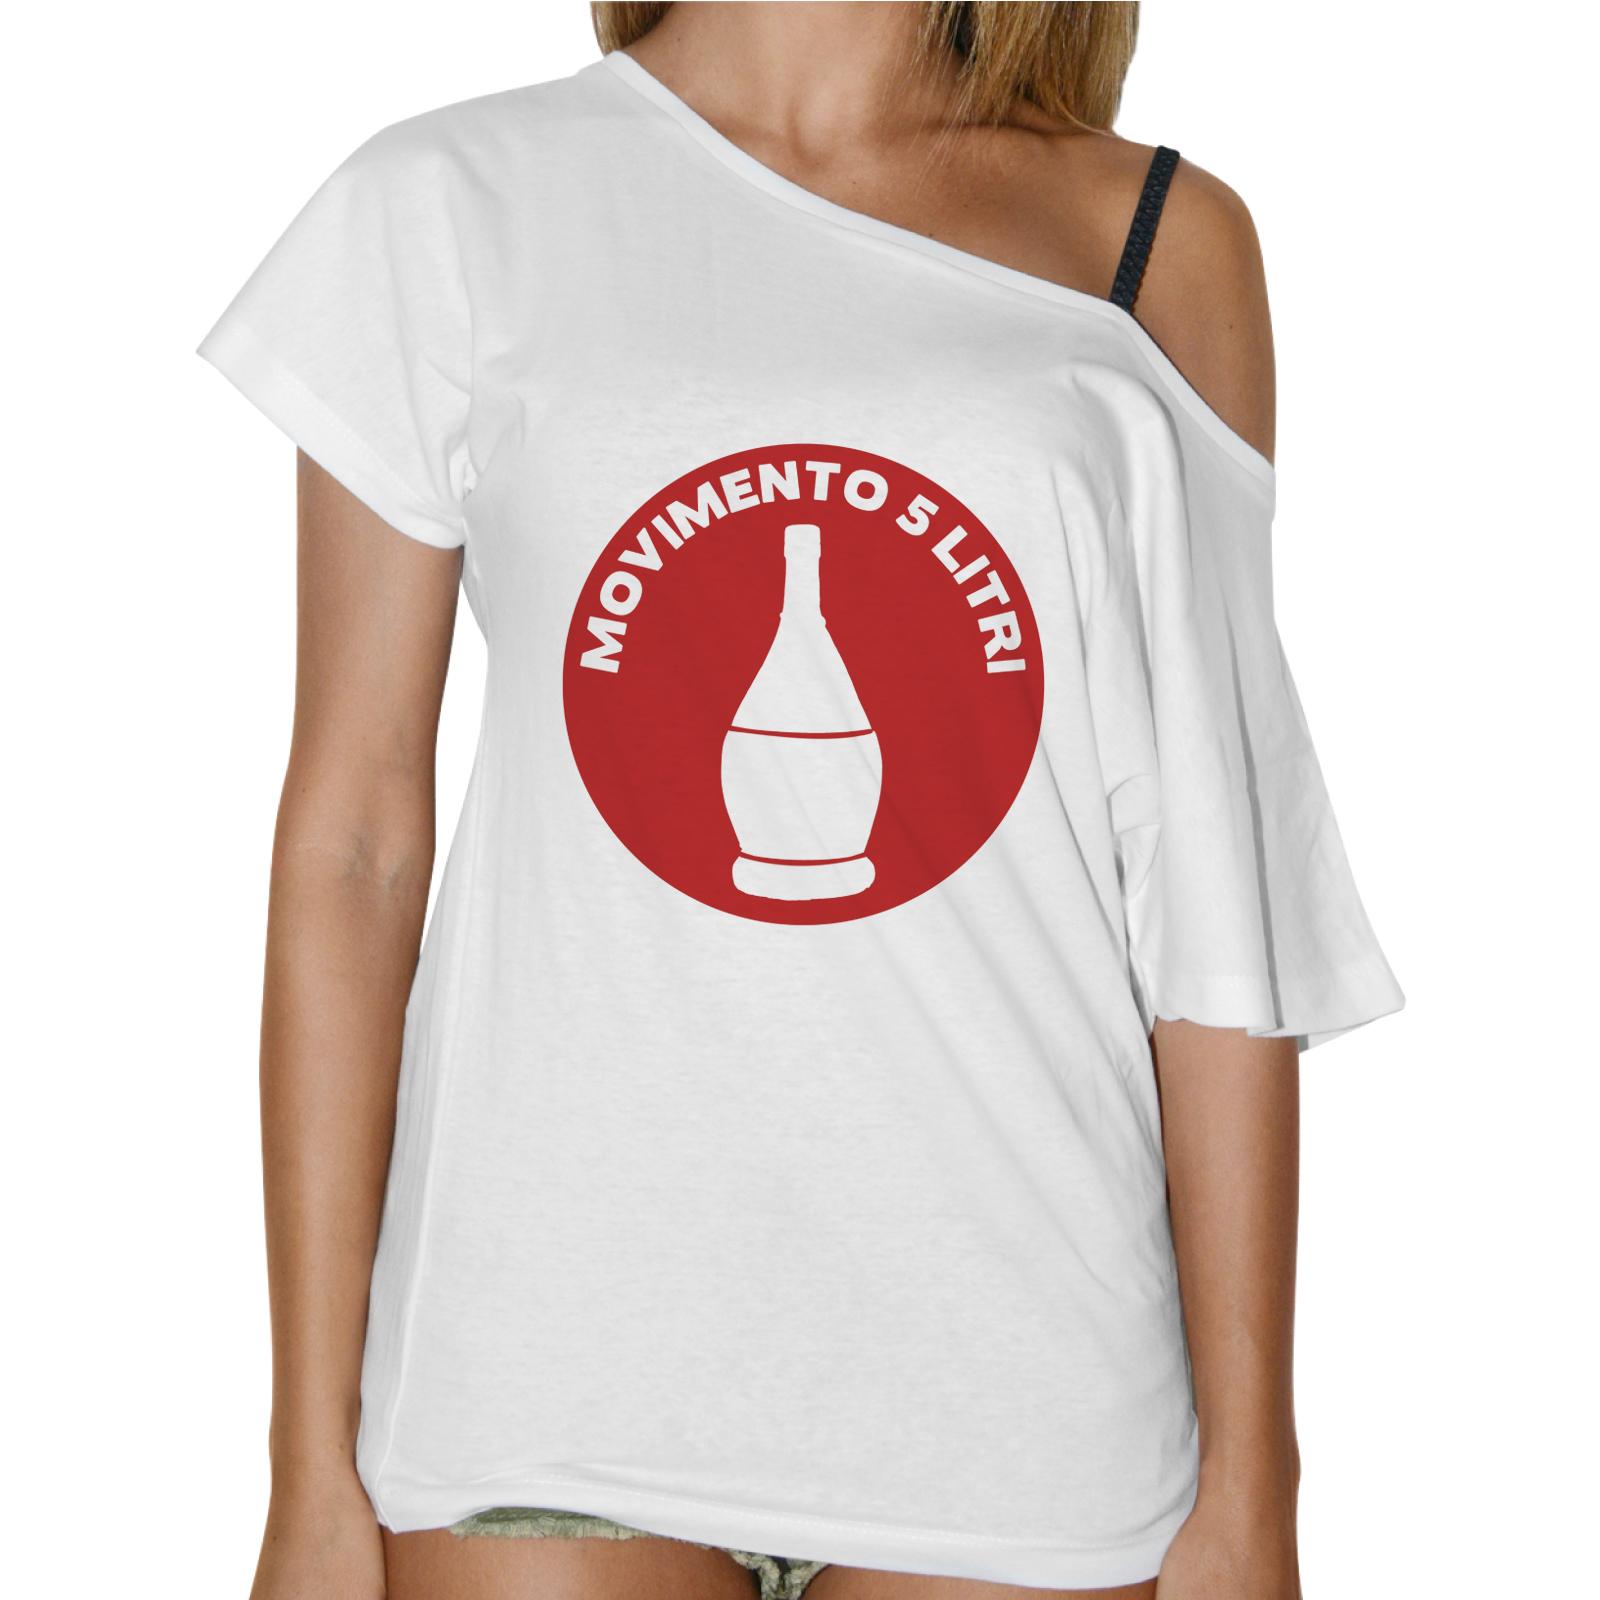 T-Shirt Donna Collo Barca MOVIMENTO 5 LITRI